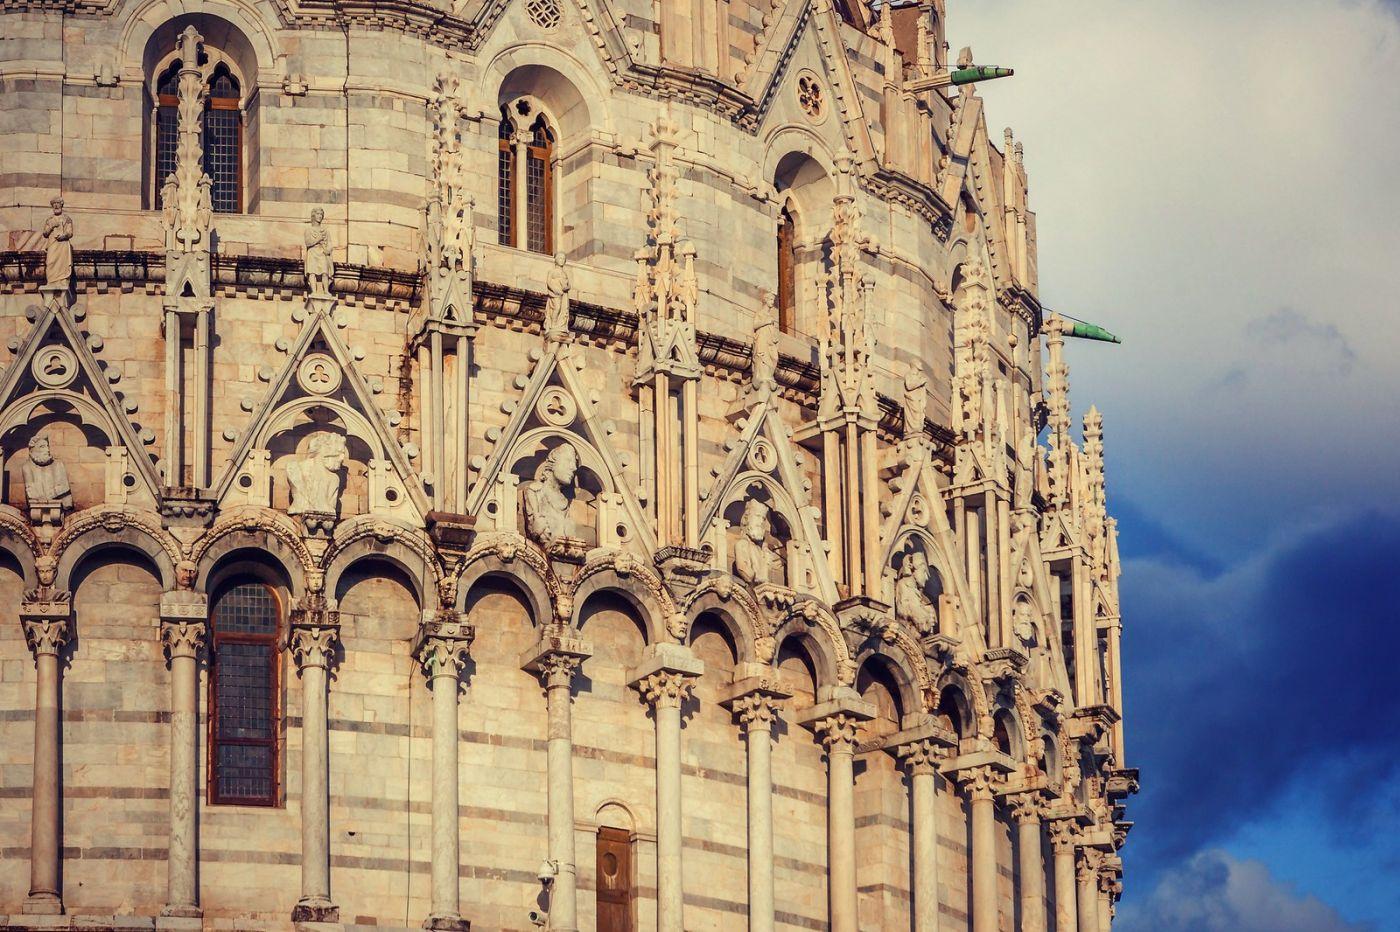 意大利比萨斜塔,塔旁的建筑群_图1-5